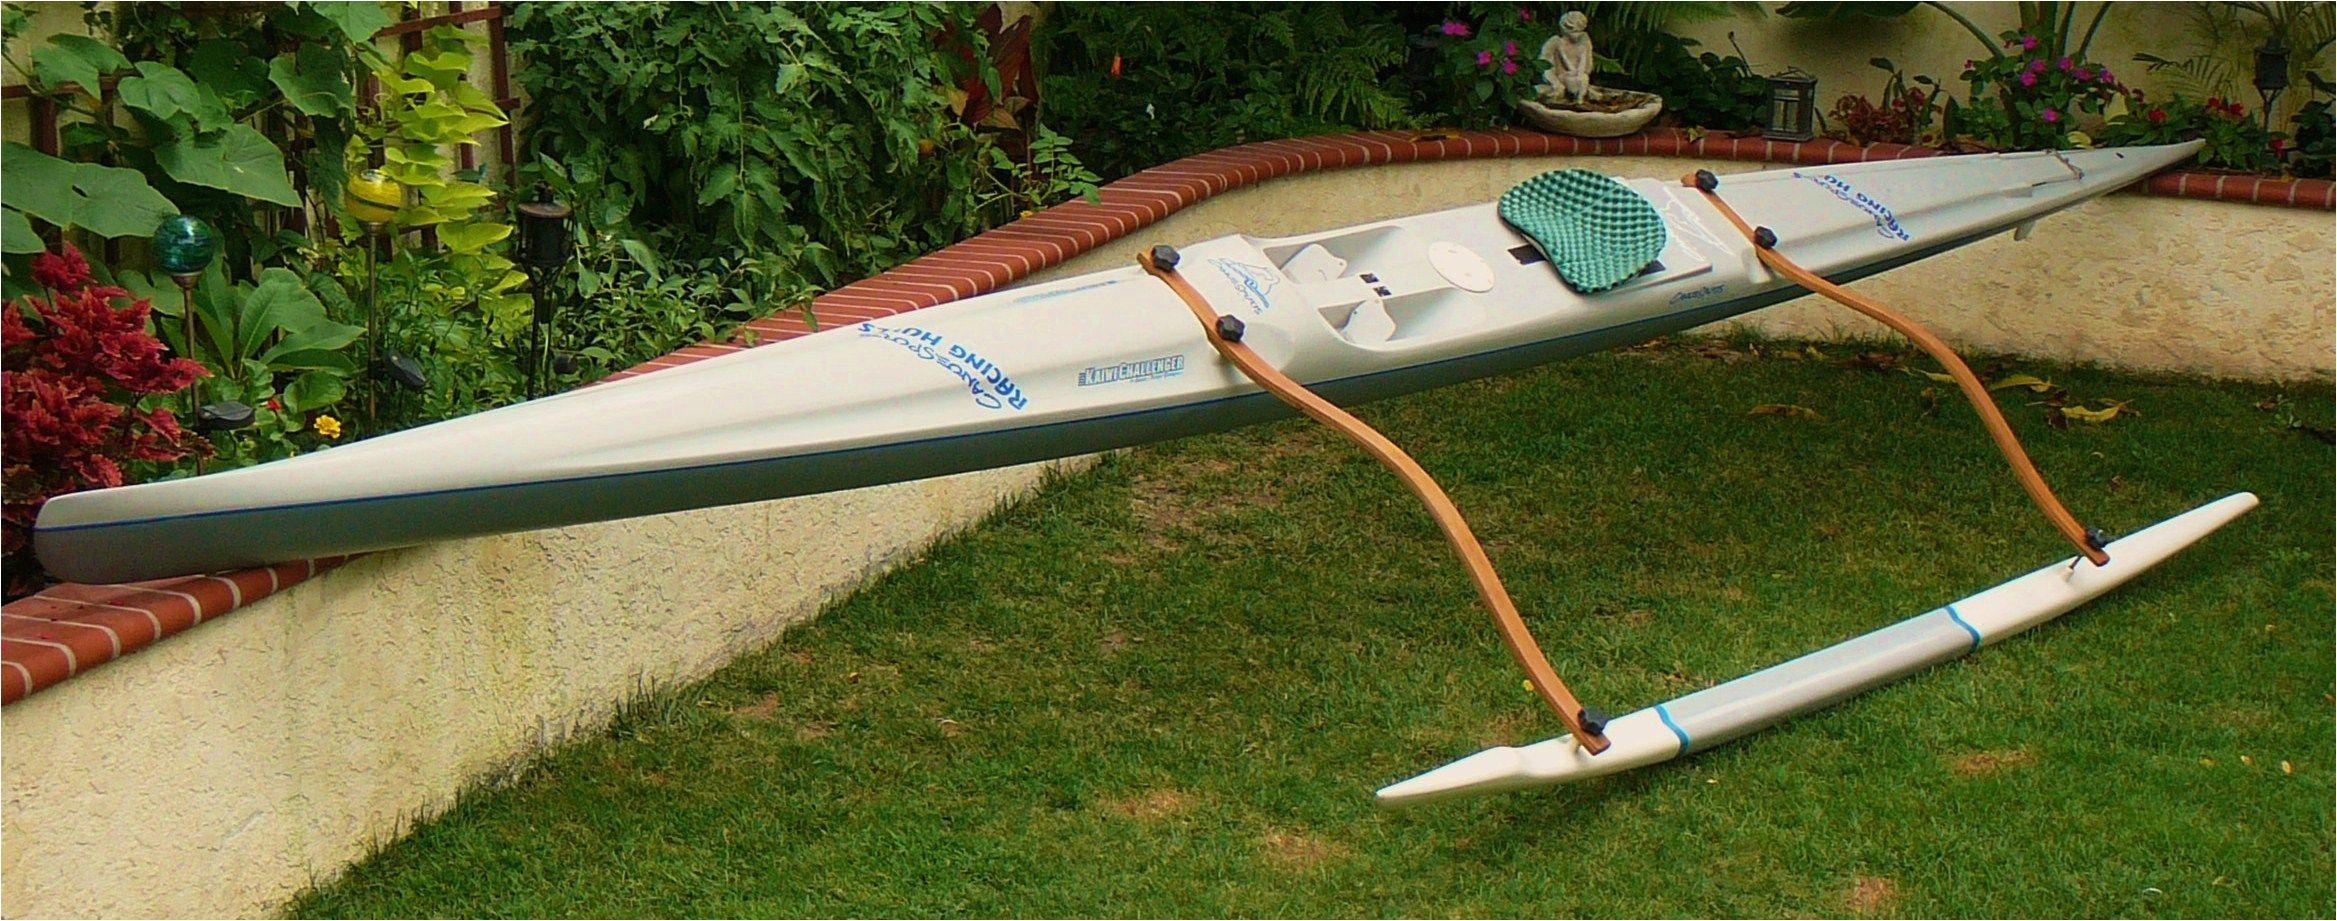 image result for diy kayak outrigger